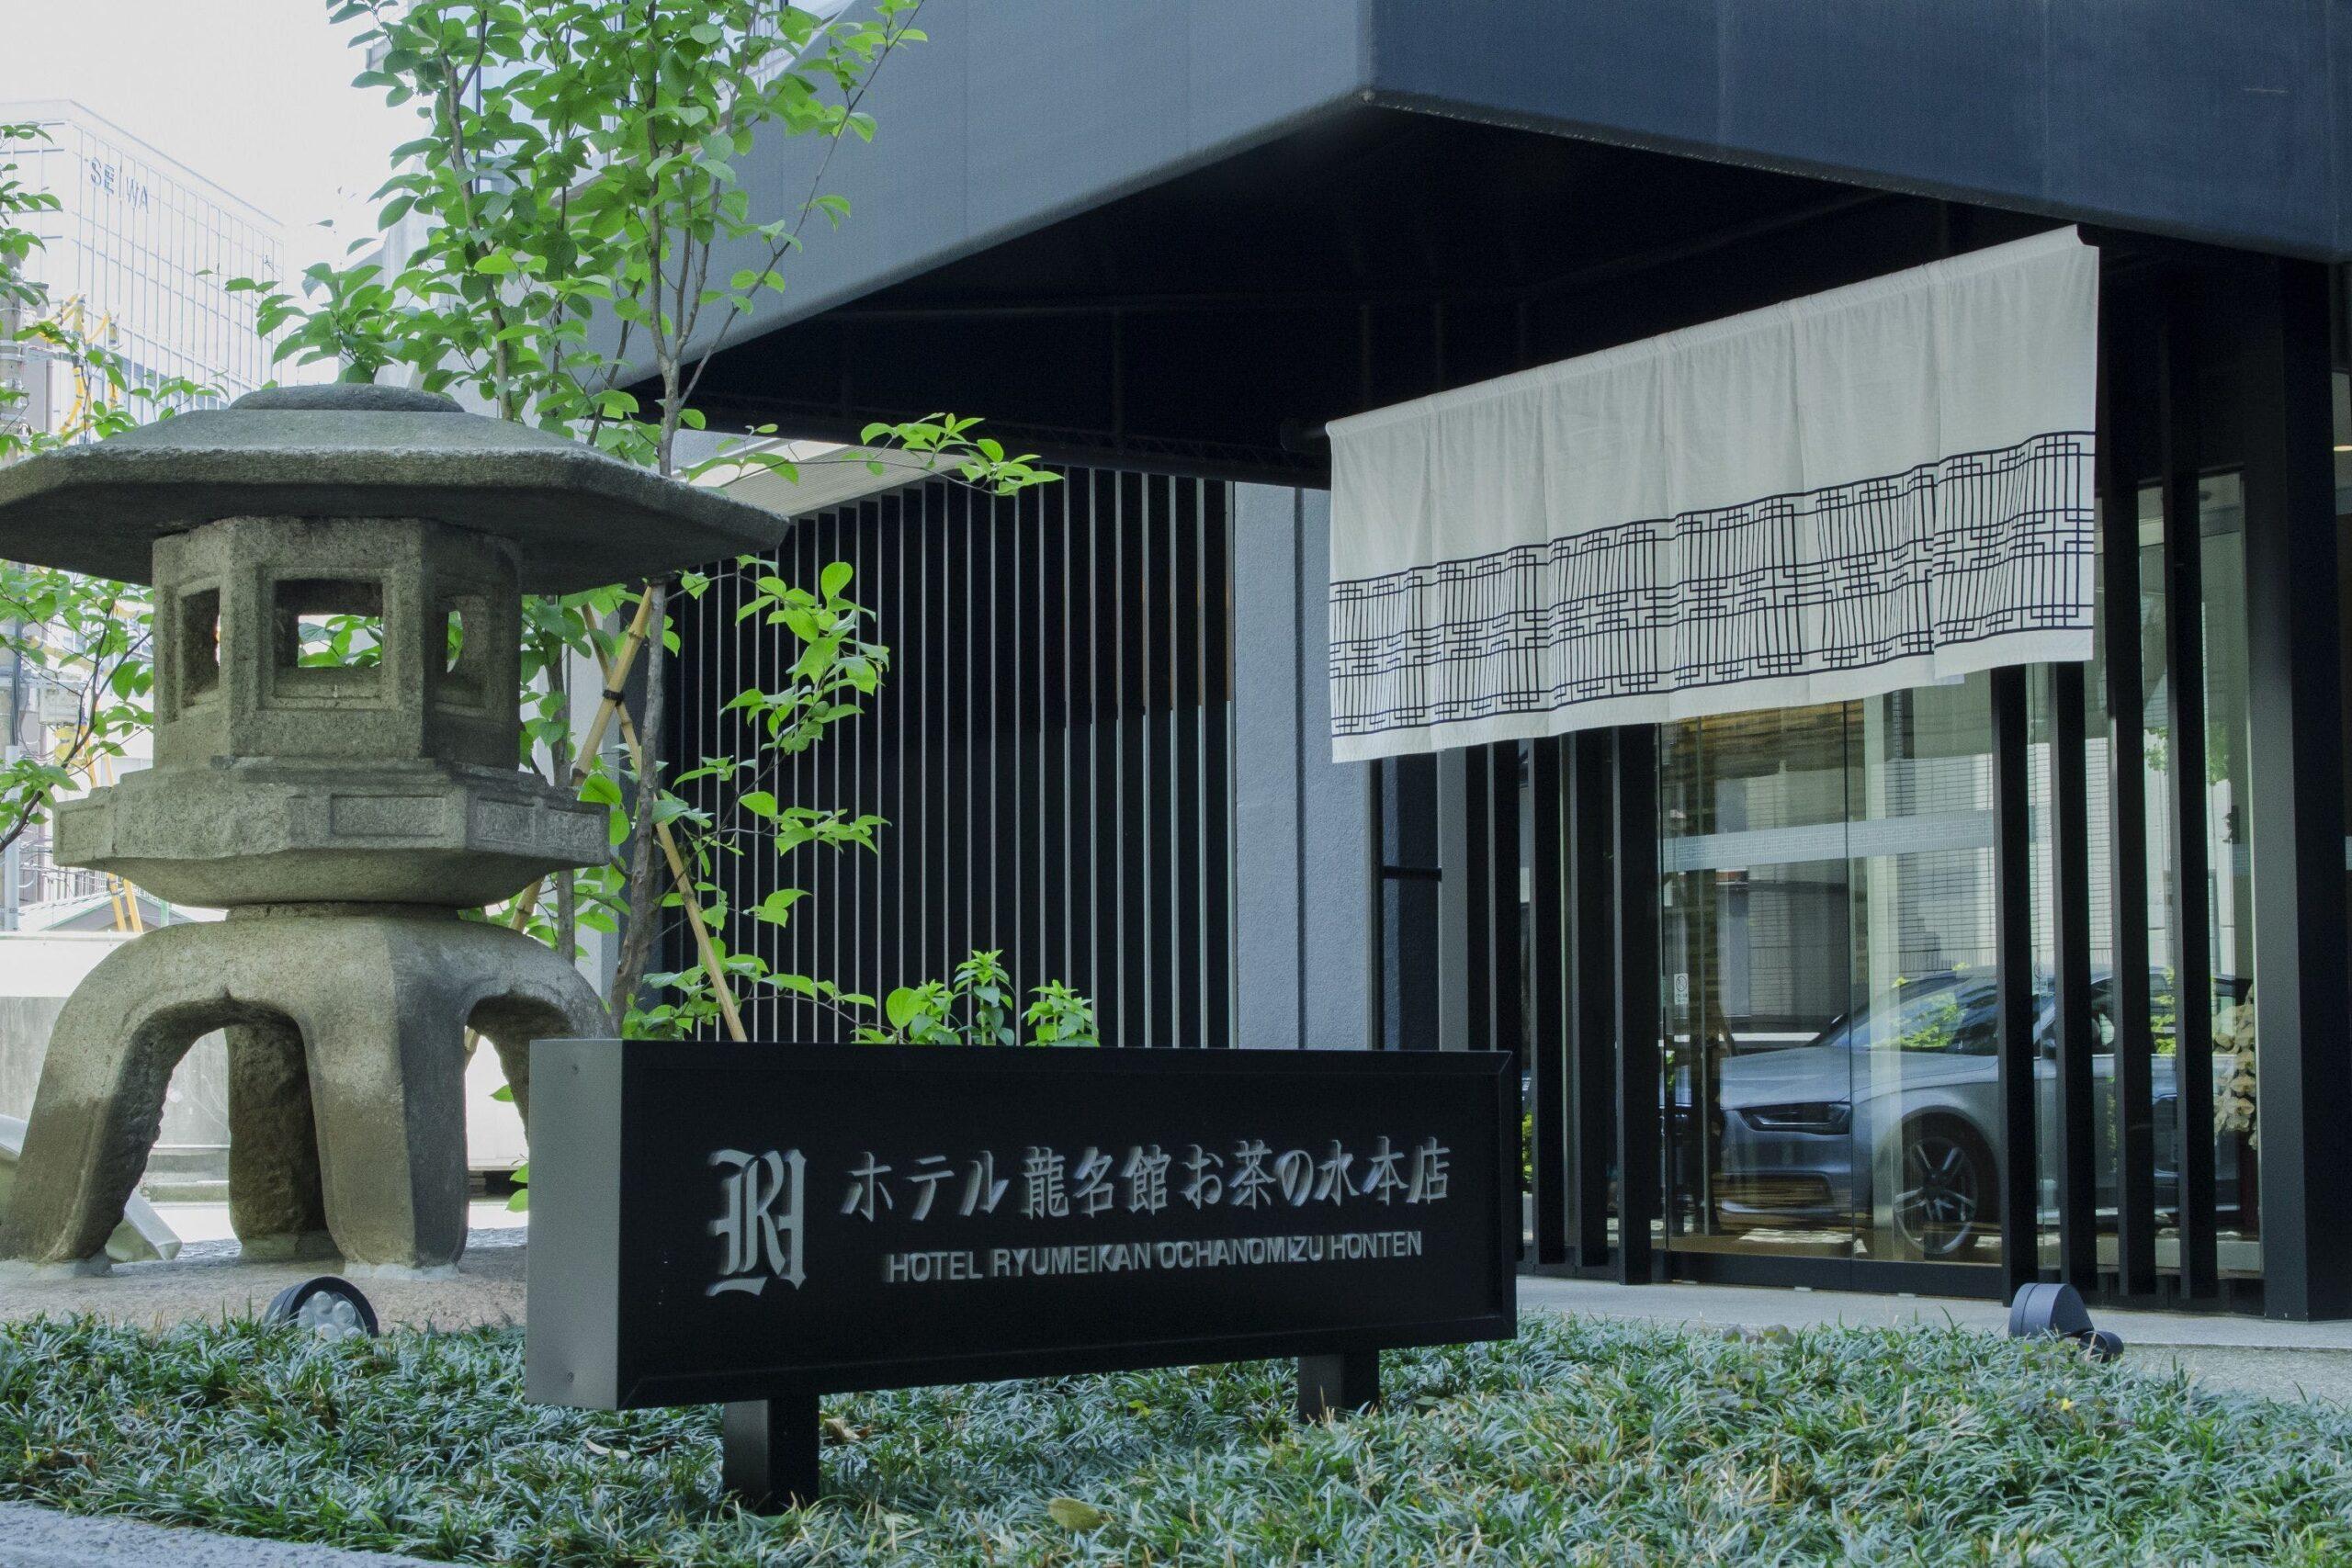 ホテル龍名館お茶の水本店  日本文化へと誘う新しい形のホテル! 写真1